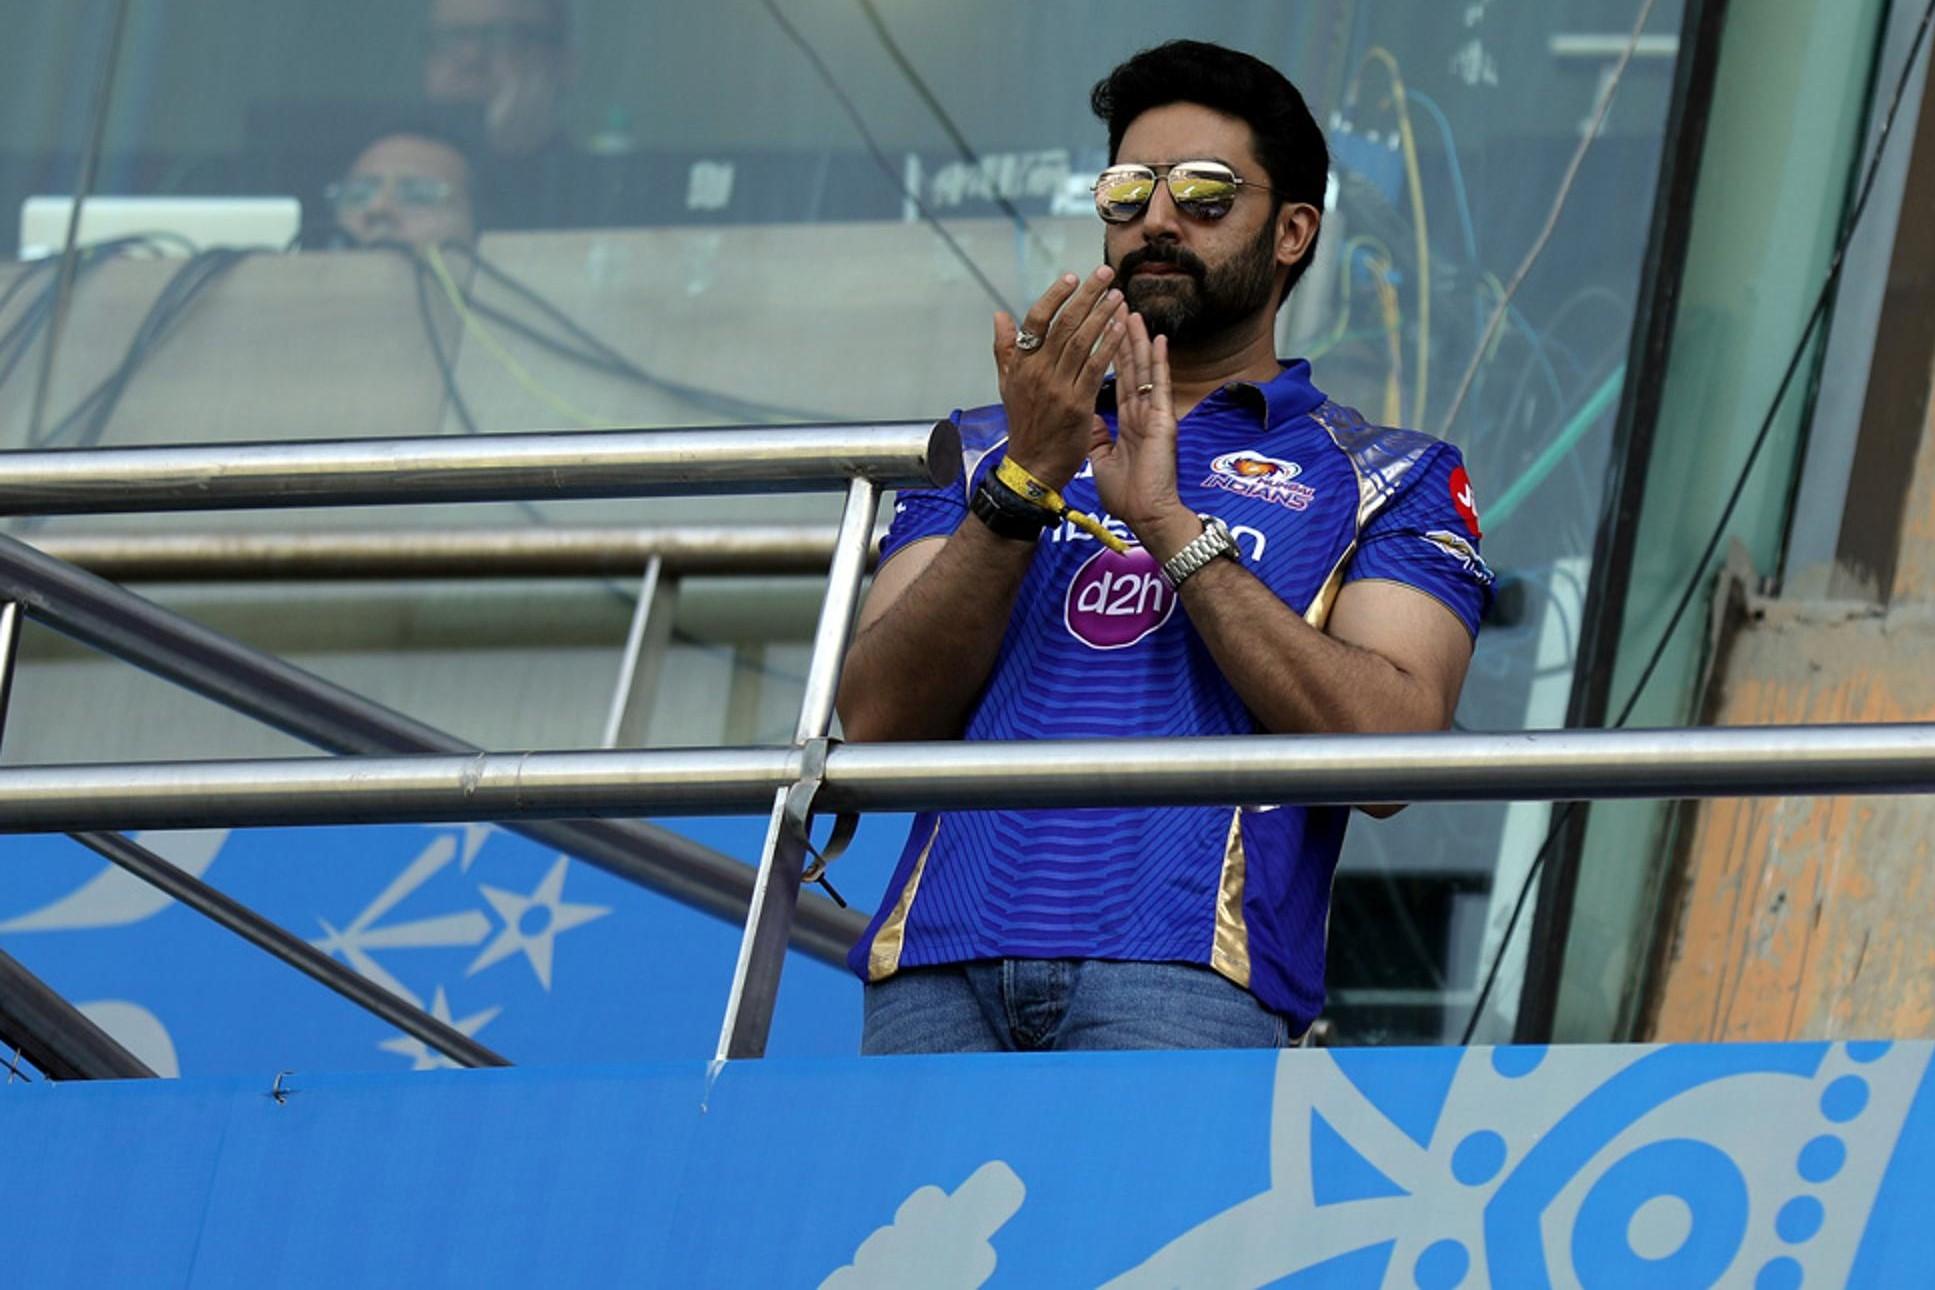 मुंबई इंडियंस को मैदान पर सपोर्ट करते नज़र आए जूनियर बच्चन, देखें तस्वीरें